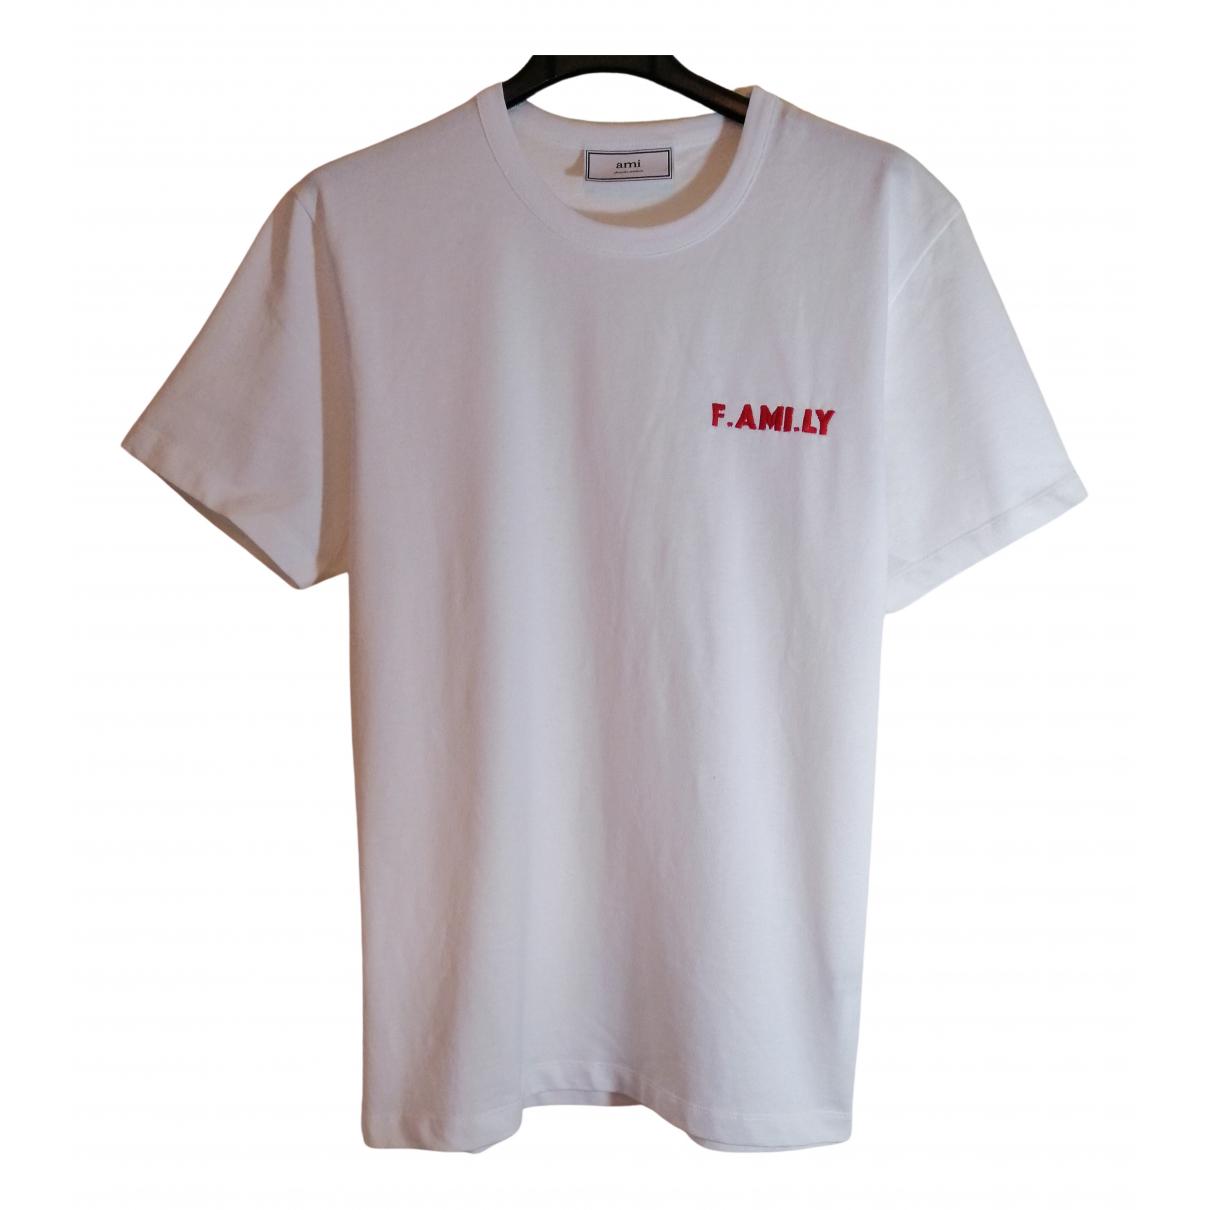 Ami - Tee shirts   pour homme en coton - blanc